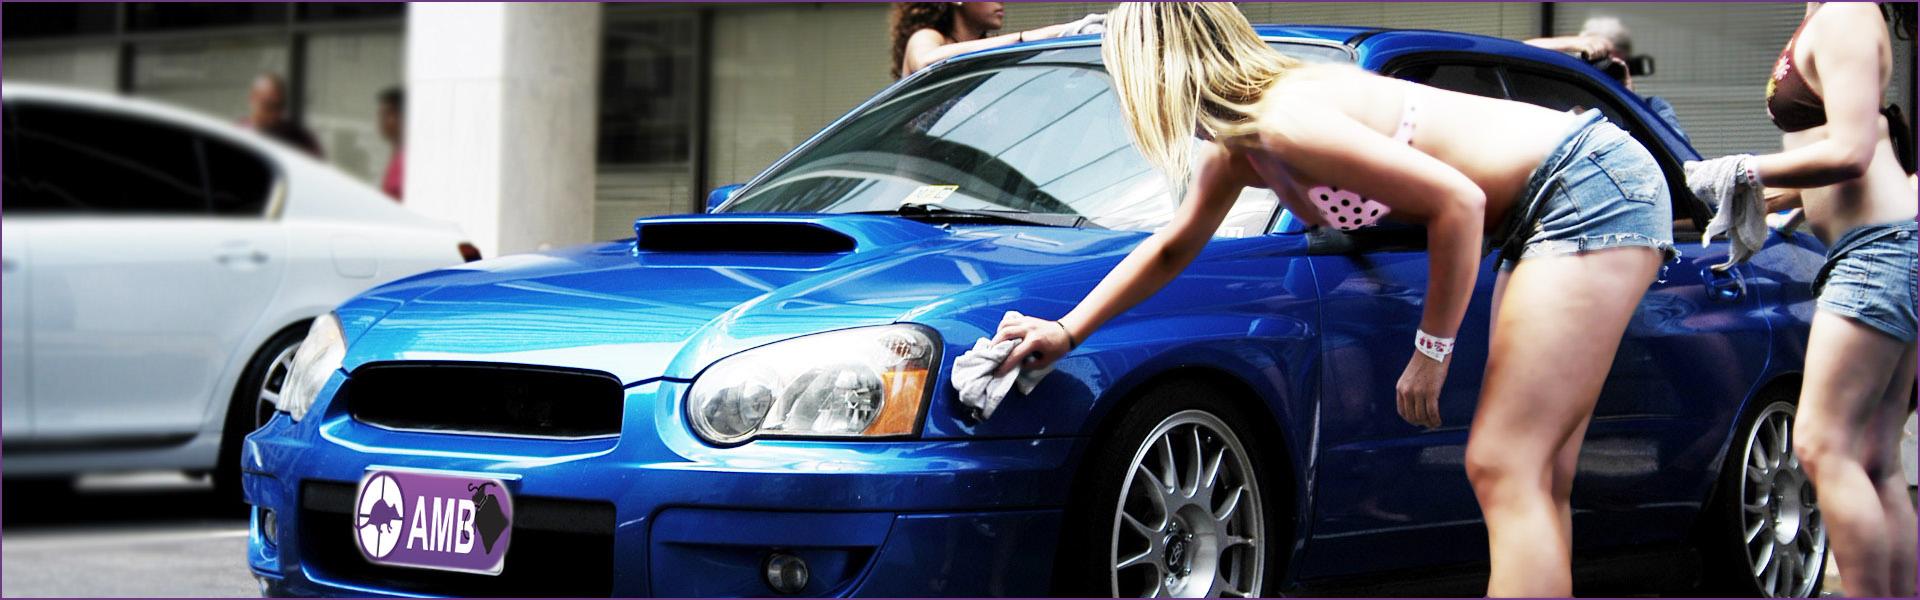 túi chống chuột, cách chống chuột ô tô